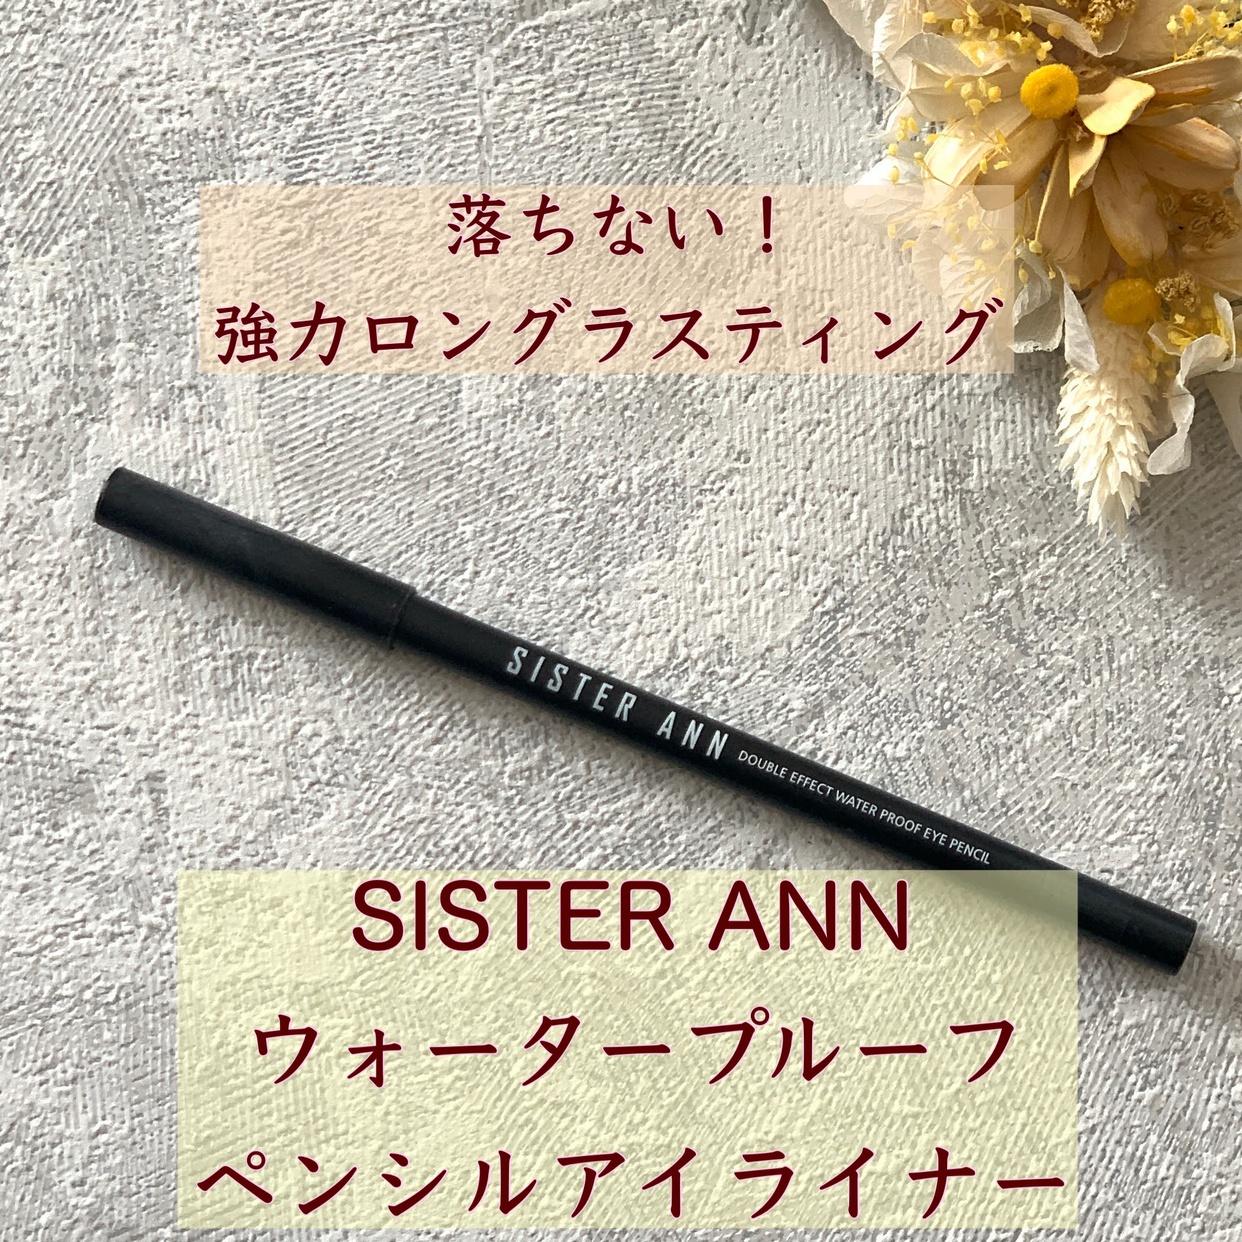 SISTER ANN(シスターアン)ウォータープルーフペンシルアイライナーを使ったTAMIYANさんのクチコミ画像1